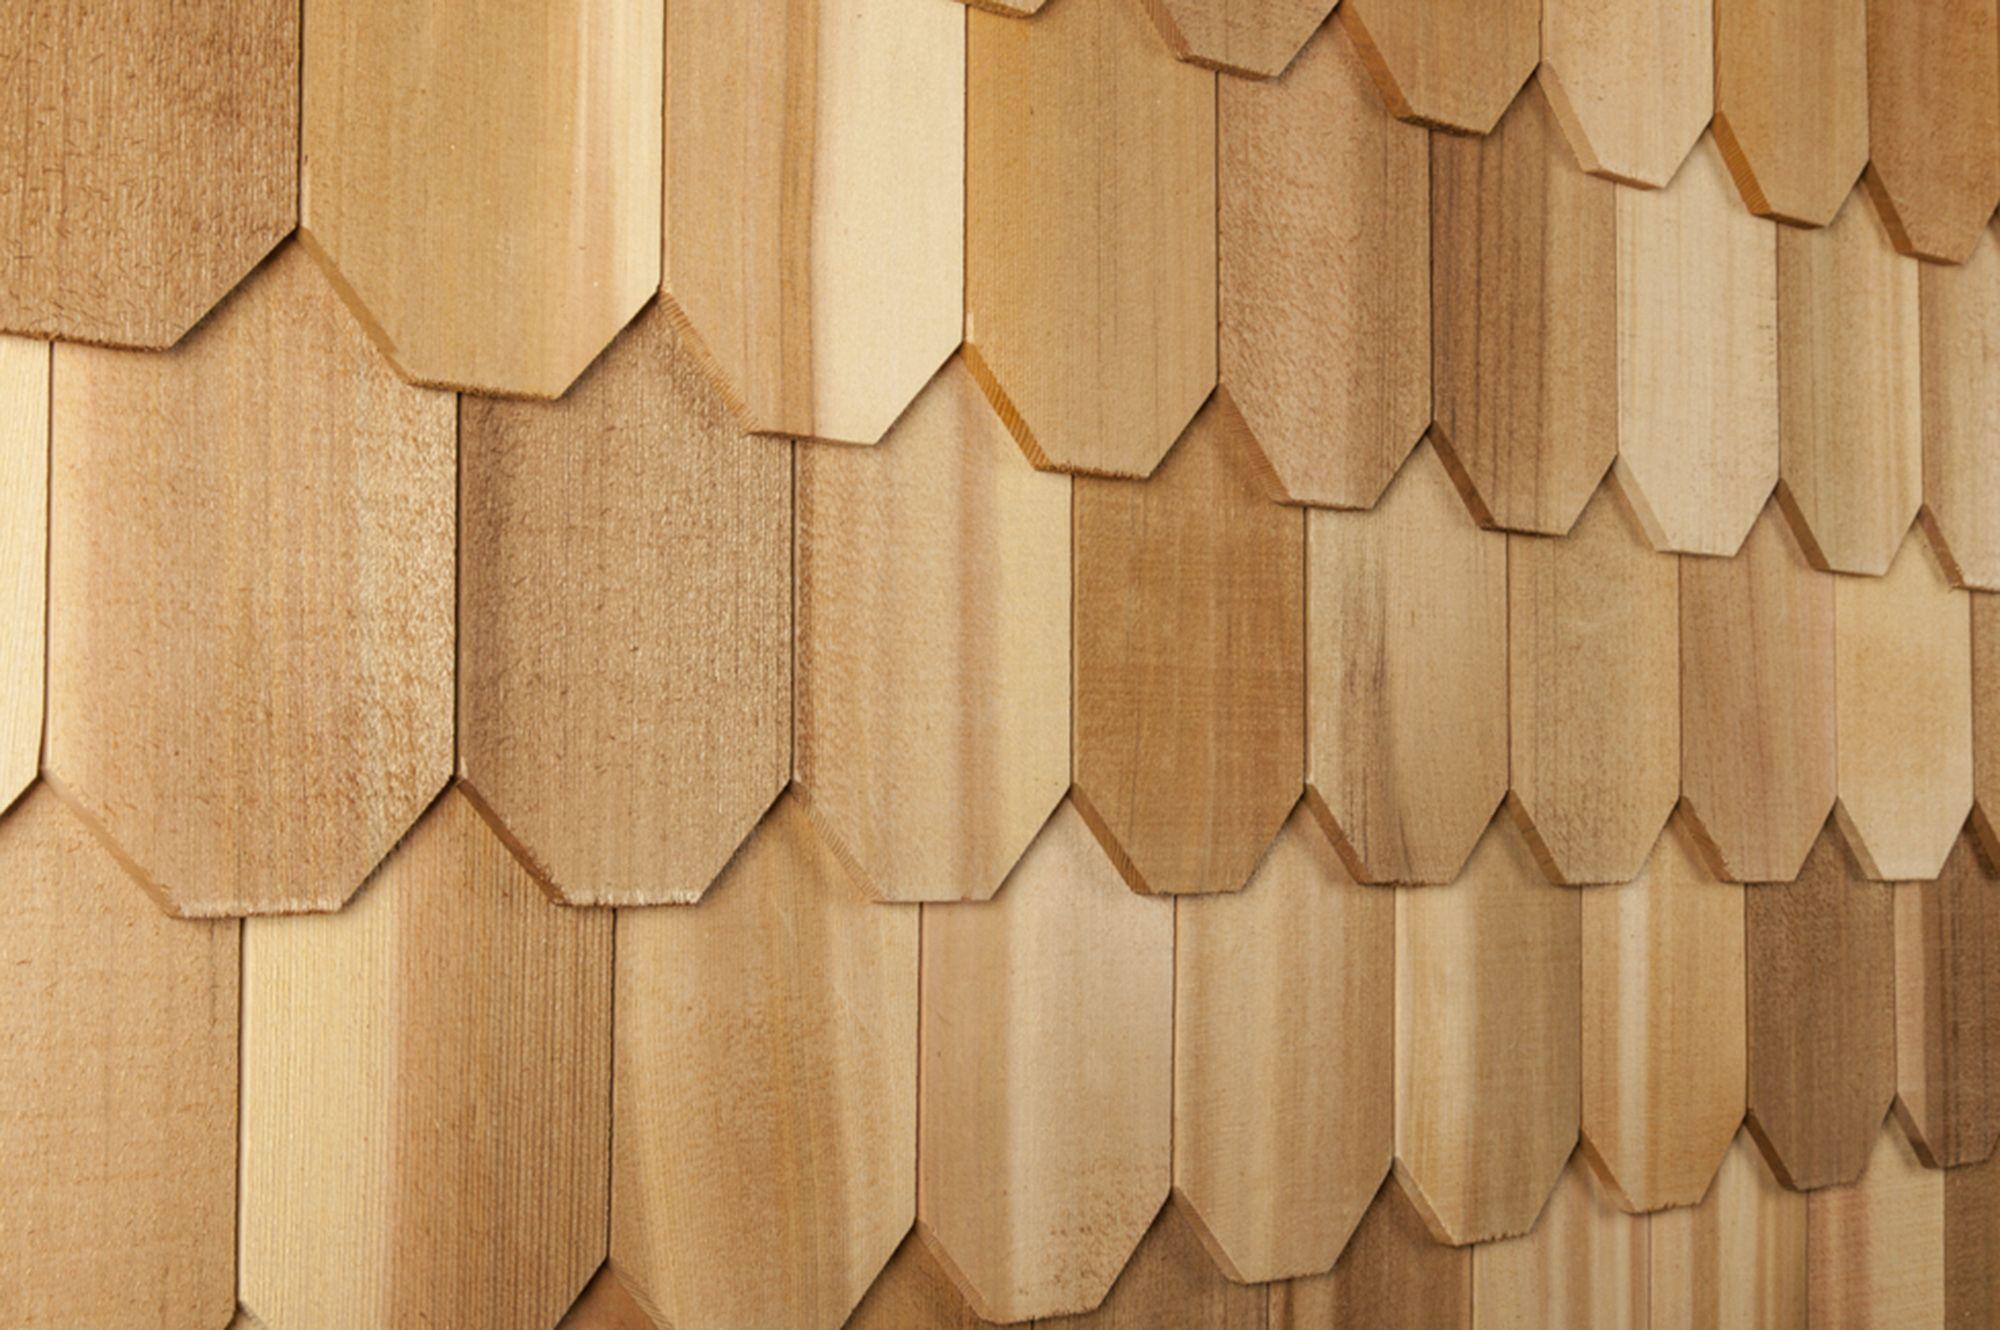 Builddirect 174 Cedar West Cedar Decorator Shingles Cedar Roof Cedar Paneling Cedar Shingle Roof